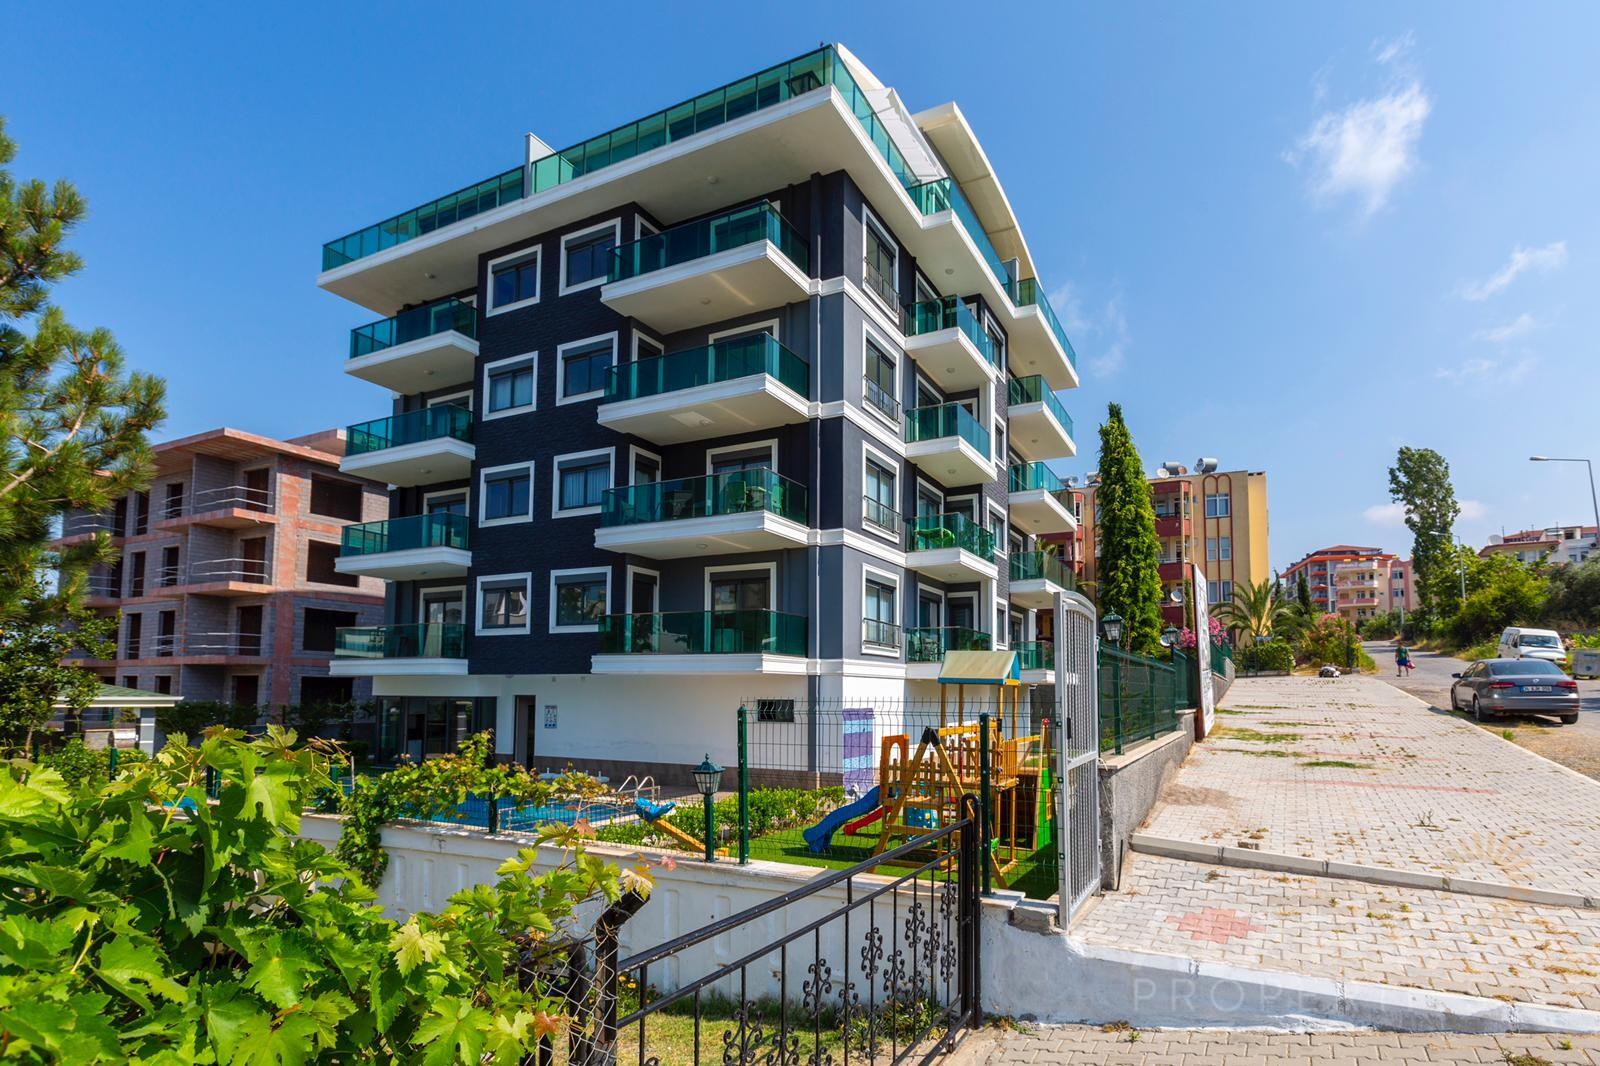 Bel Appartement - entièrement meublé à 350 m de la plage à Avsallar, Alanya